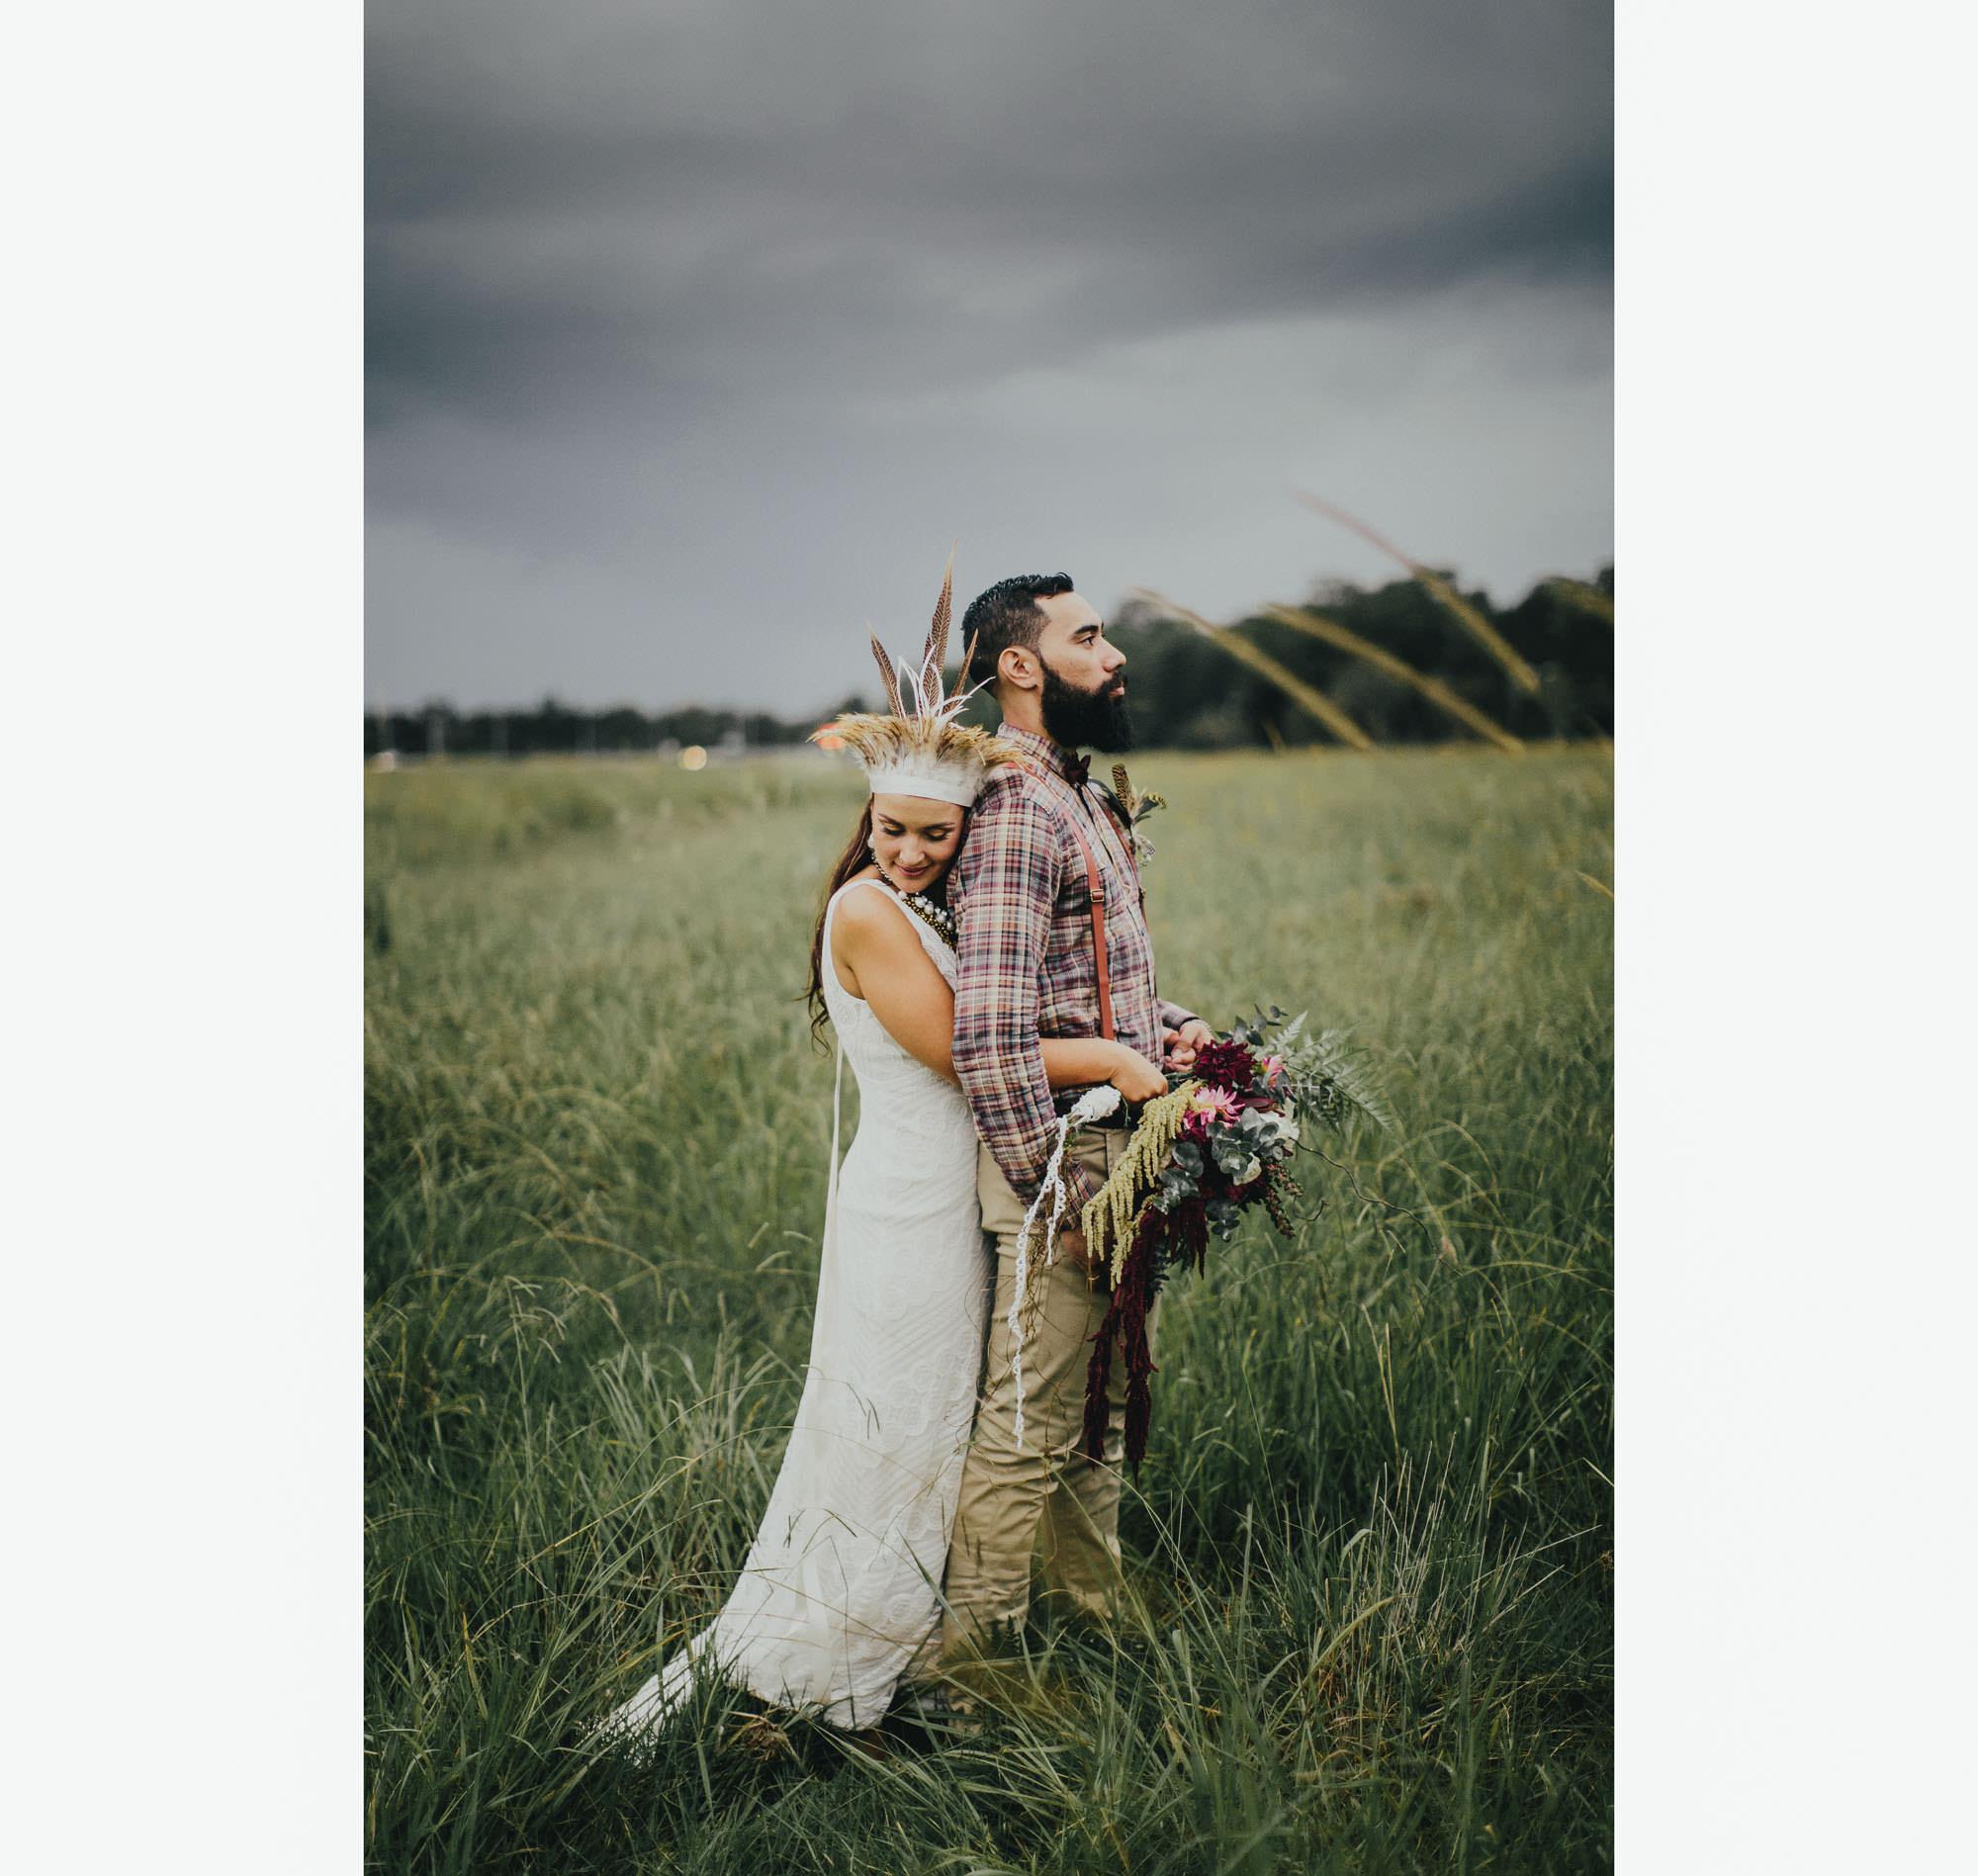 080 finch and oak, wedding photography, gold coast, byron bay.jpg